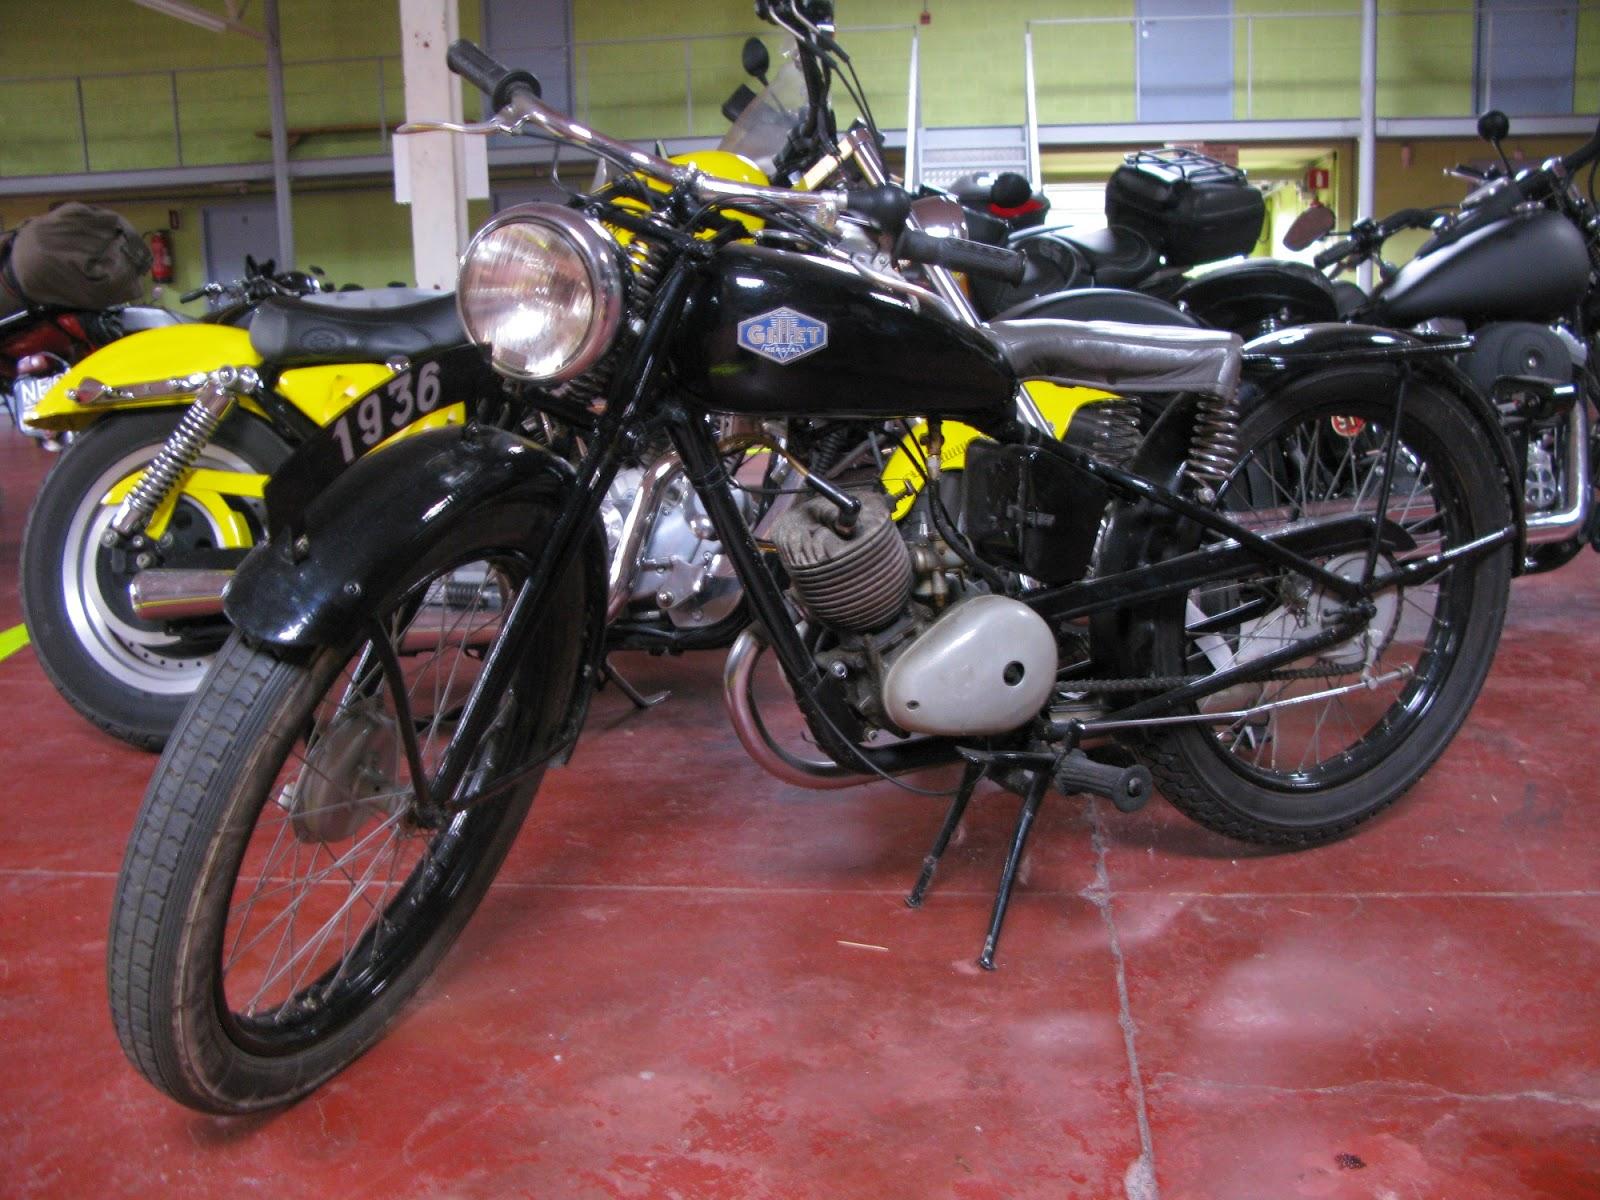 Gillet Herstal motorcycle